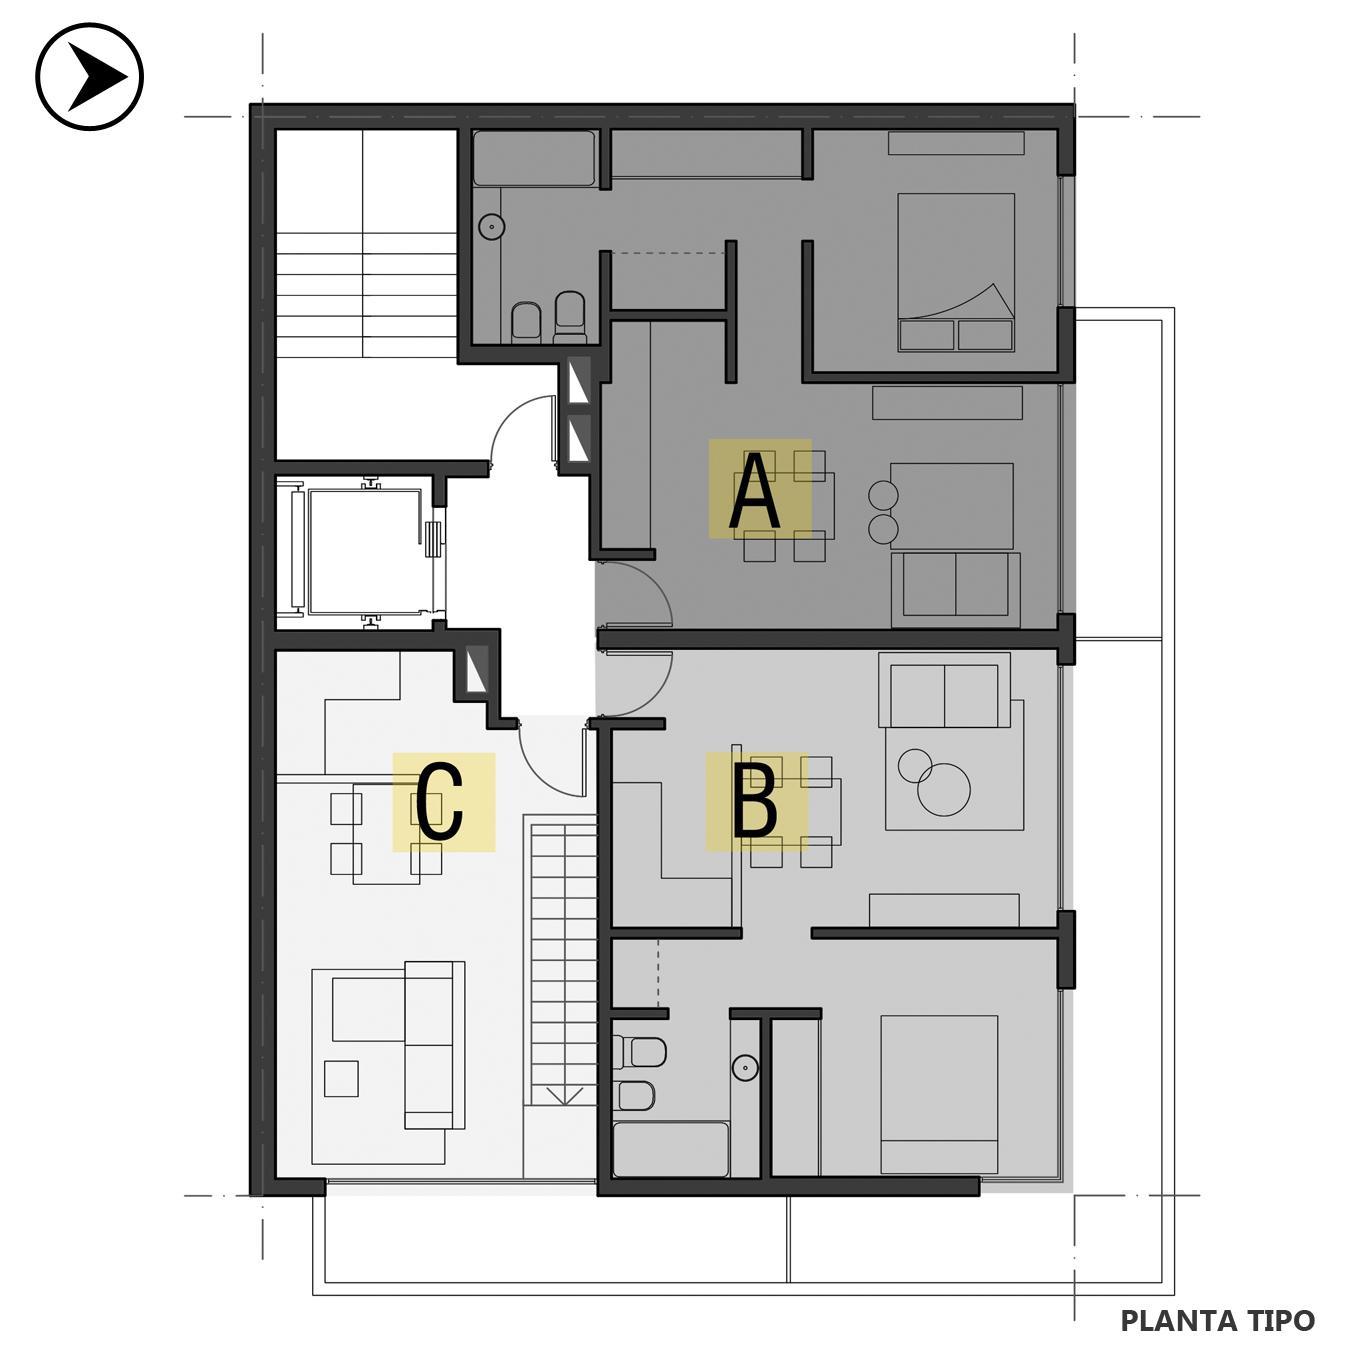 Venta departamento 1 dormitorio Rosario, Centro. Cod CBU24188 AP2257809. Crestale Propiedades